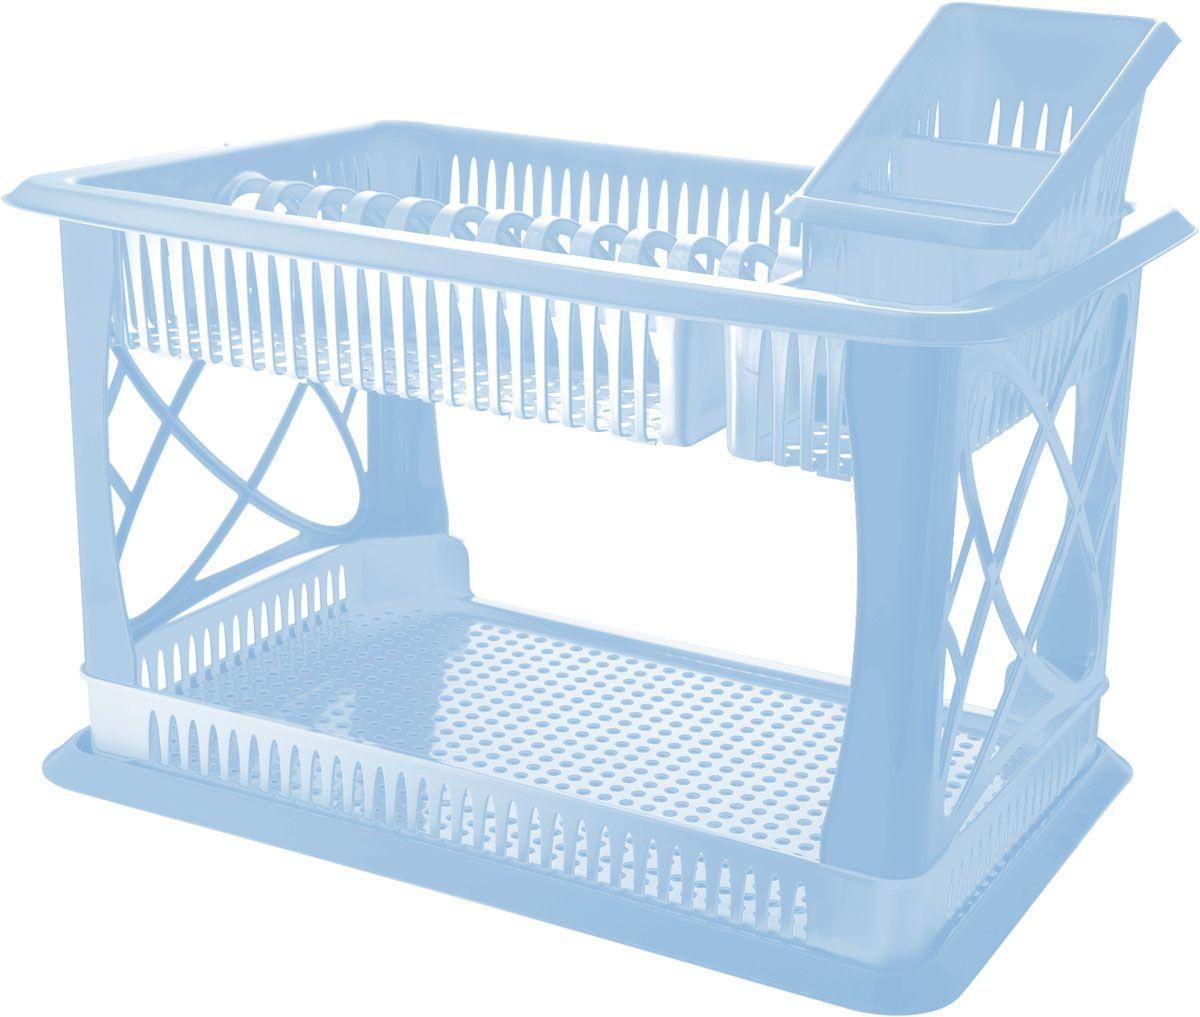 Сушилка для посуды Plastic Centre Лилия, 2-ярусная, с поддоном, с сушилкой для столовых приборов, цвет: мраморный, 49 х 17,5 х 32,5 смПЦ1558ГЛПНаша уникальная двухъярусная сушилка позволит сушить или хранить большое количество посуды, при этом сэкономит полезную площадь на столе или в шкафу. В комплект входит сушилка для столовых приборов.